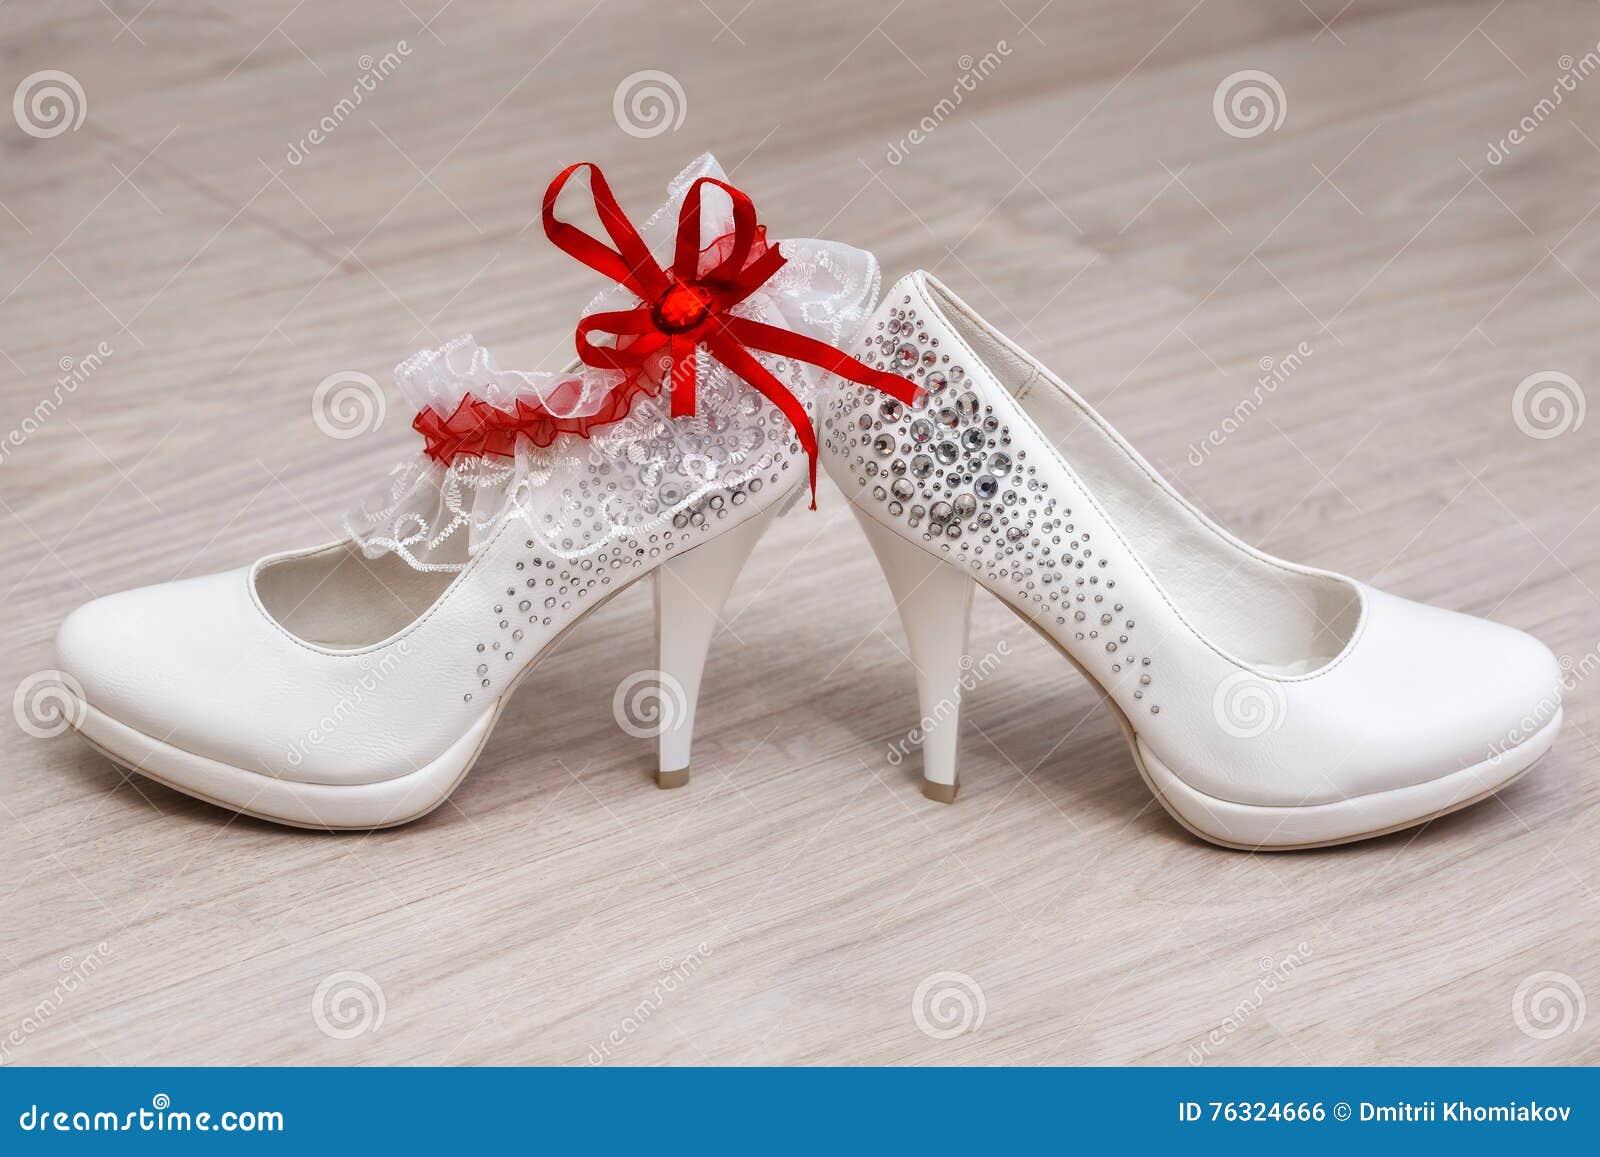 0841702b8e87 Μοντέρνα άσπρα θηλυκά γαμήλια υποδήματα Νυφικά παπούτσια, κινηματογράφηση  σε πρώτο πλάνο. Περισσότερες παρόμοιες στοκ εικόνες